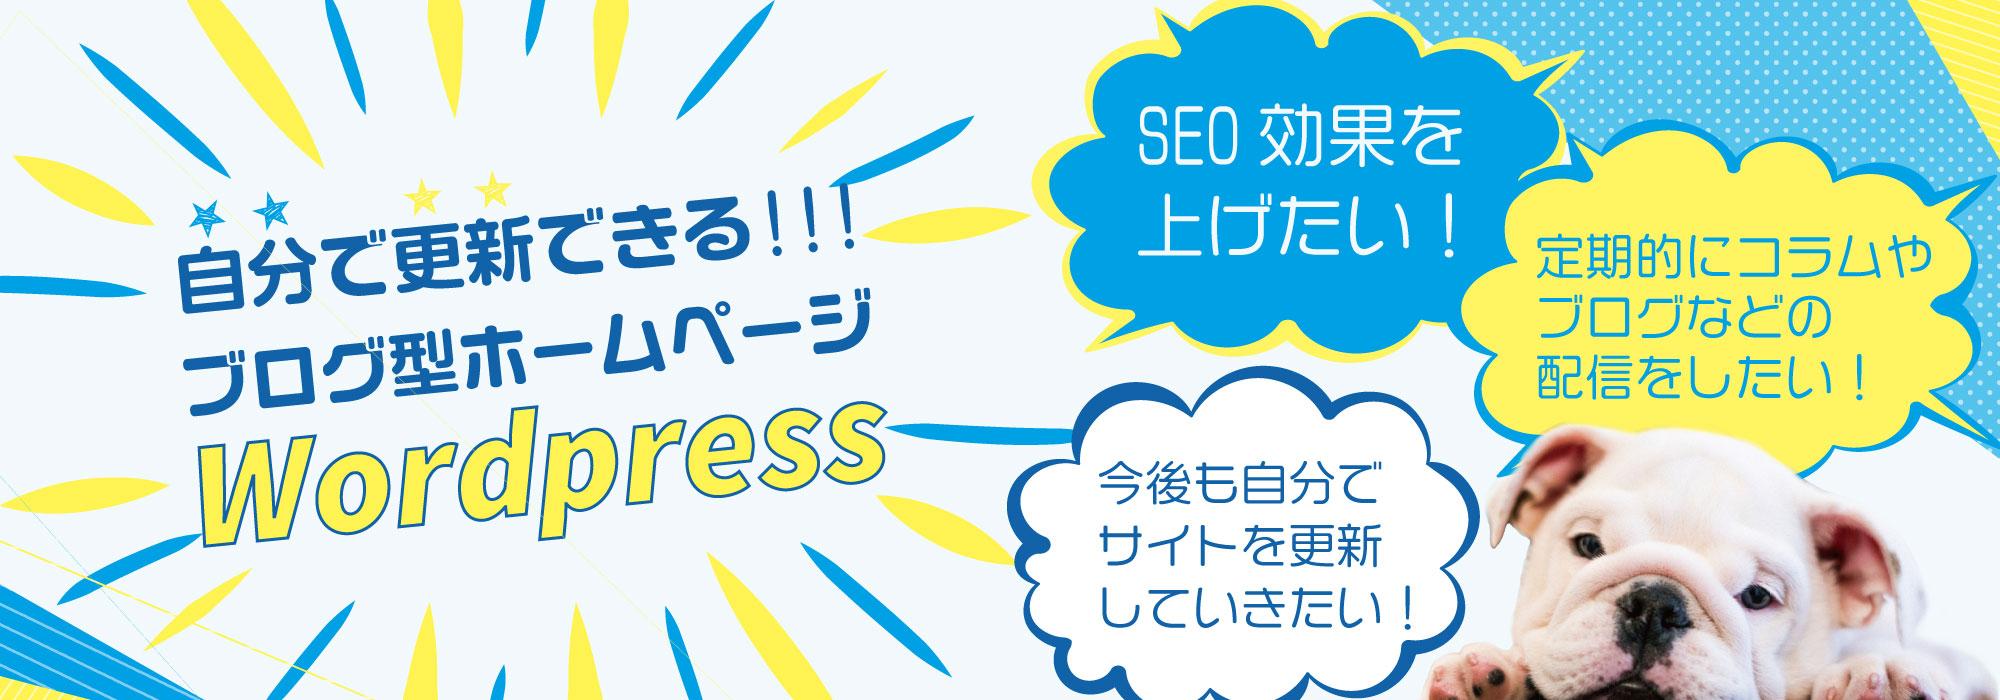 自分で更新できるブログ型ホームページWordpressを使ったホームページ制作なら、リアサポートへ